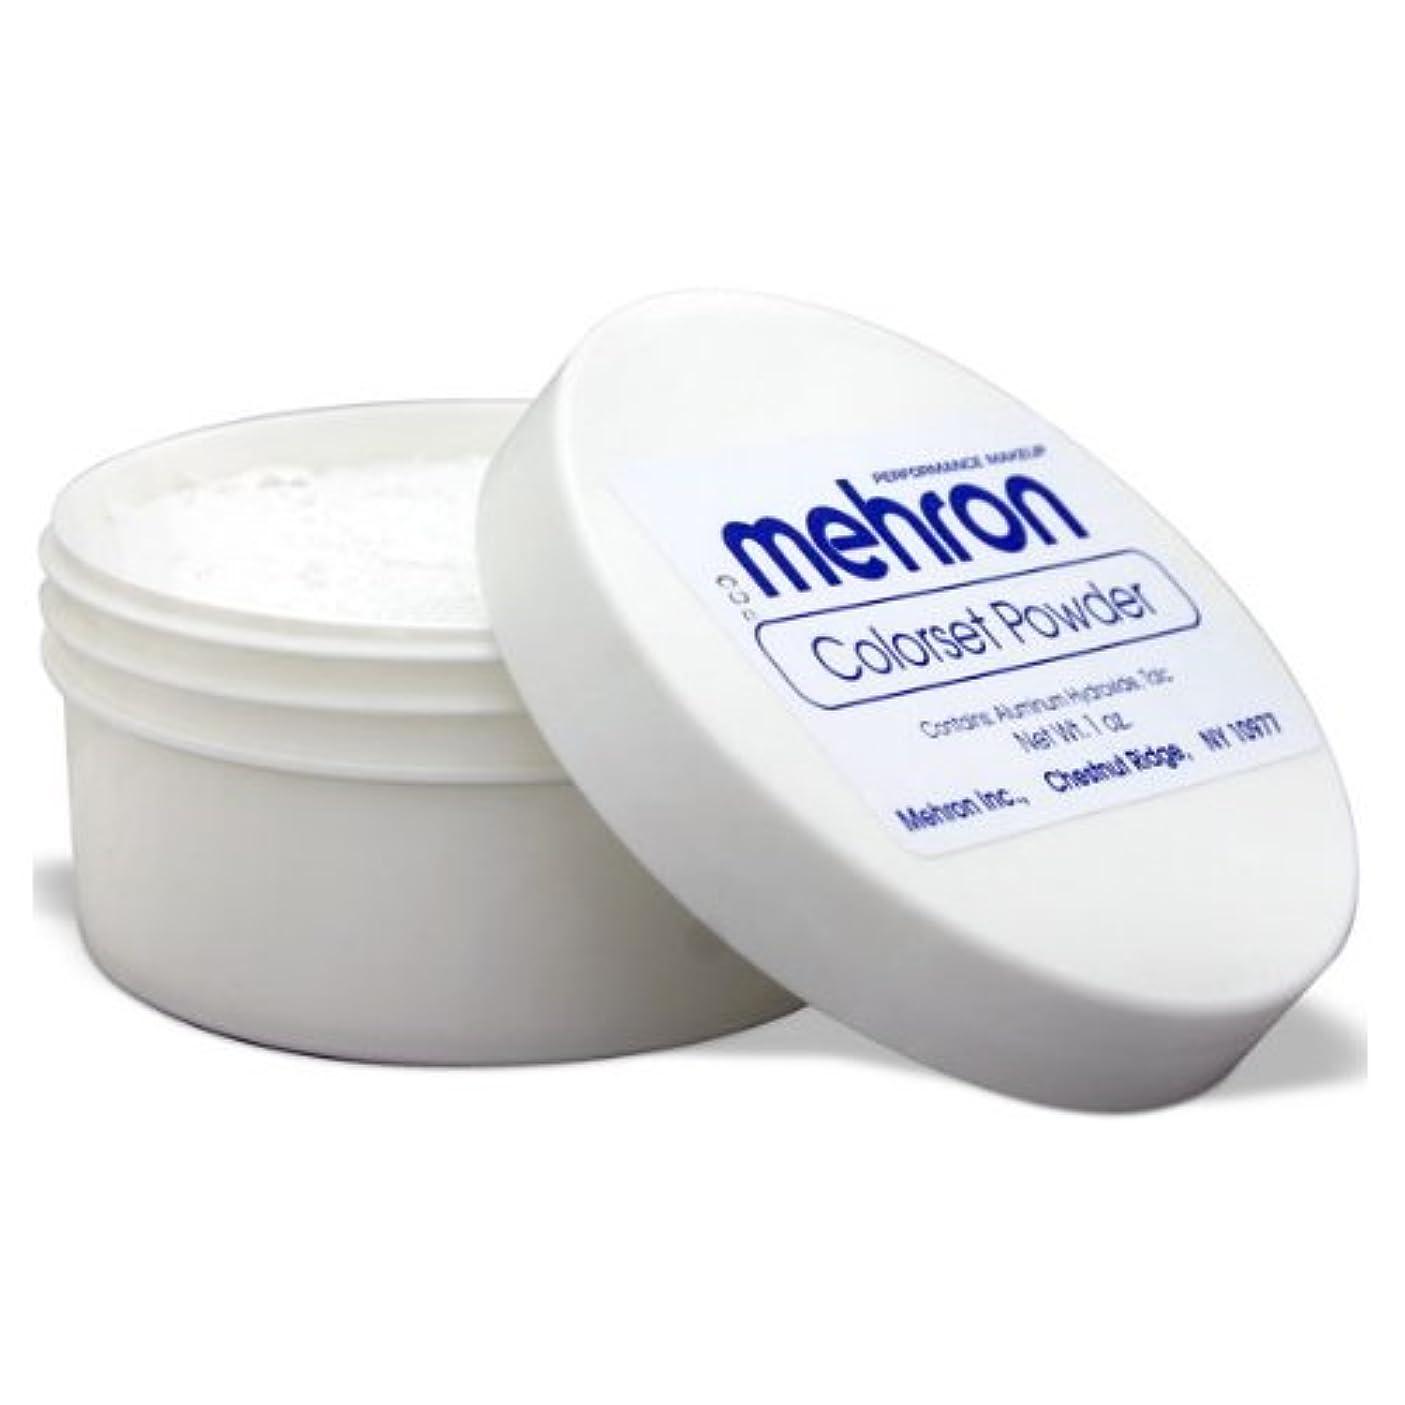 ヒューム割る体系的に(3 Pack) mehron Colorset Powder - Translucent (並行輸入品)